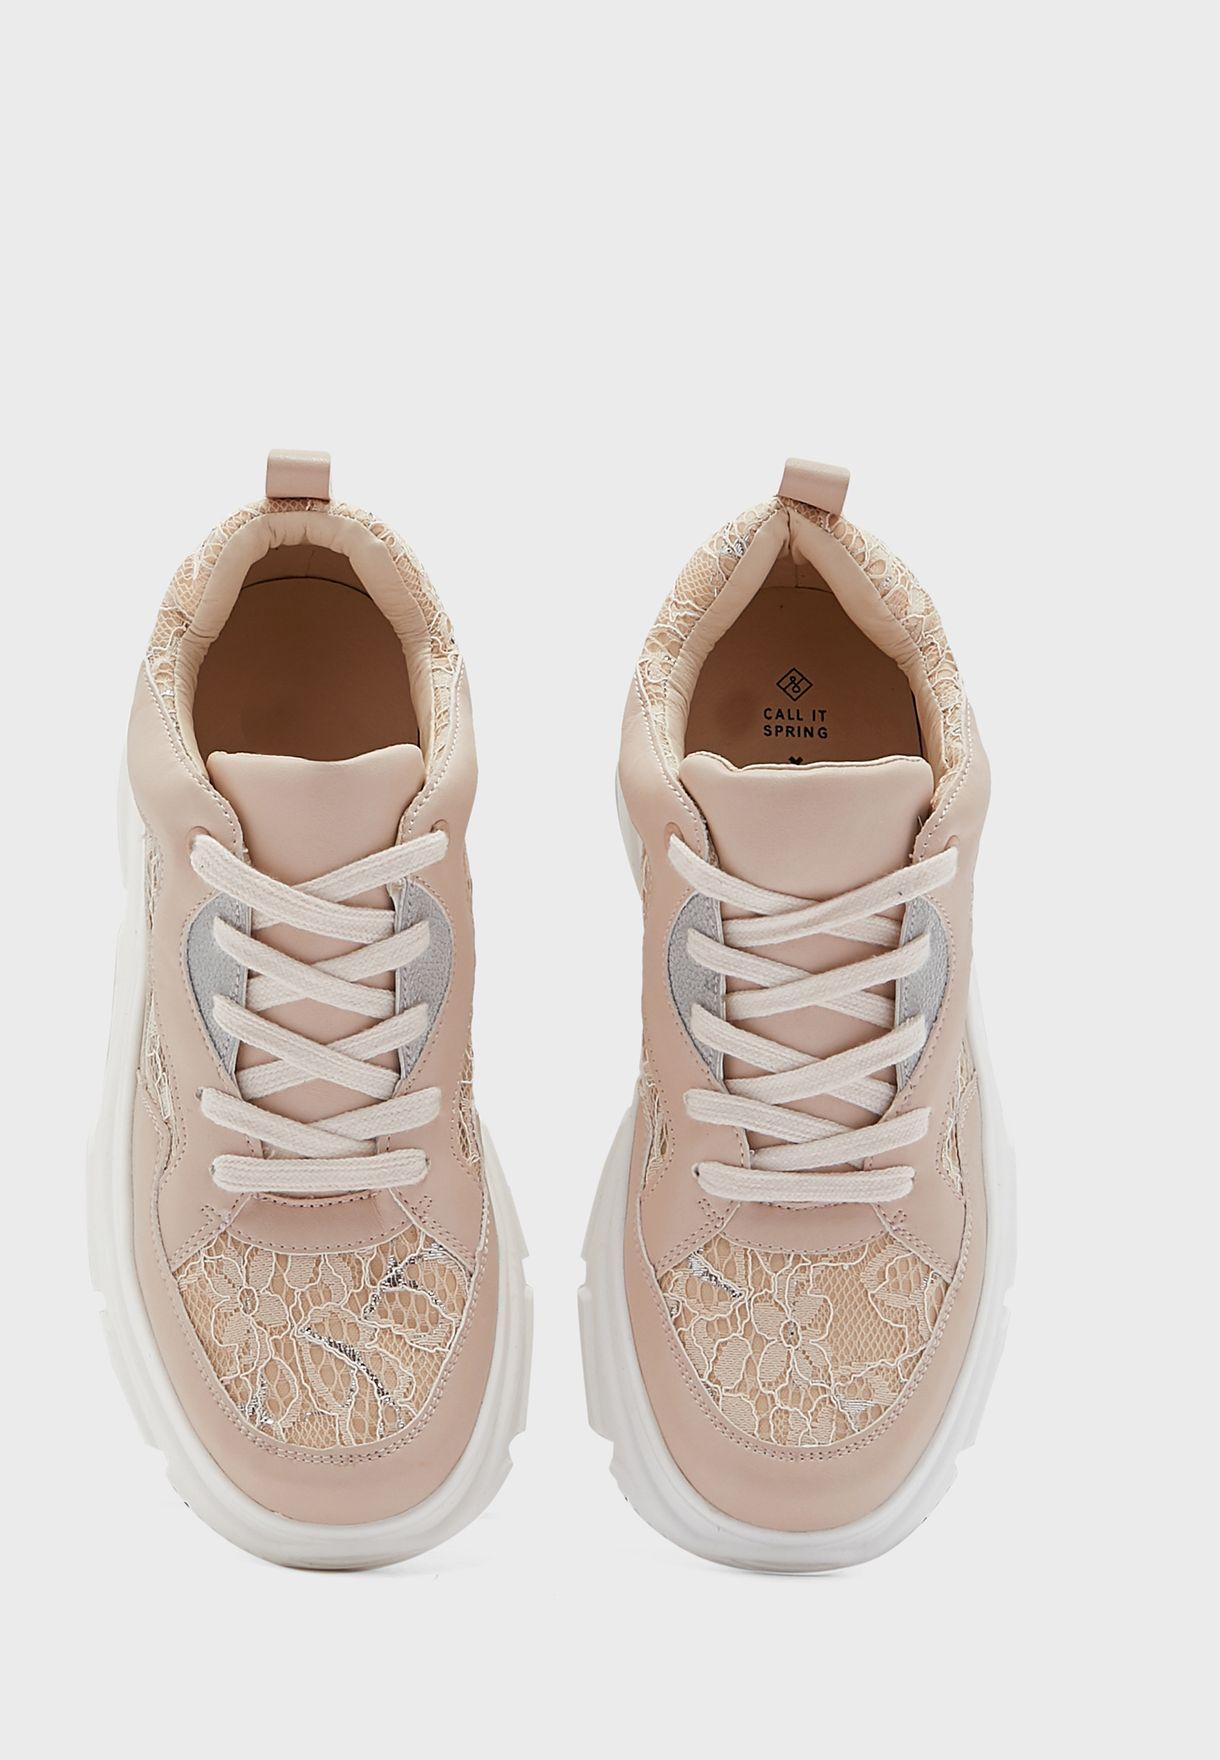 Lorelle Low Top Sneakers